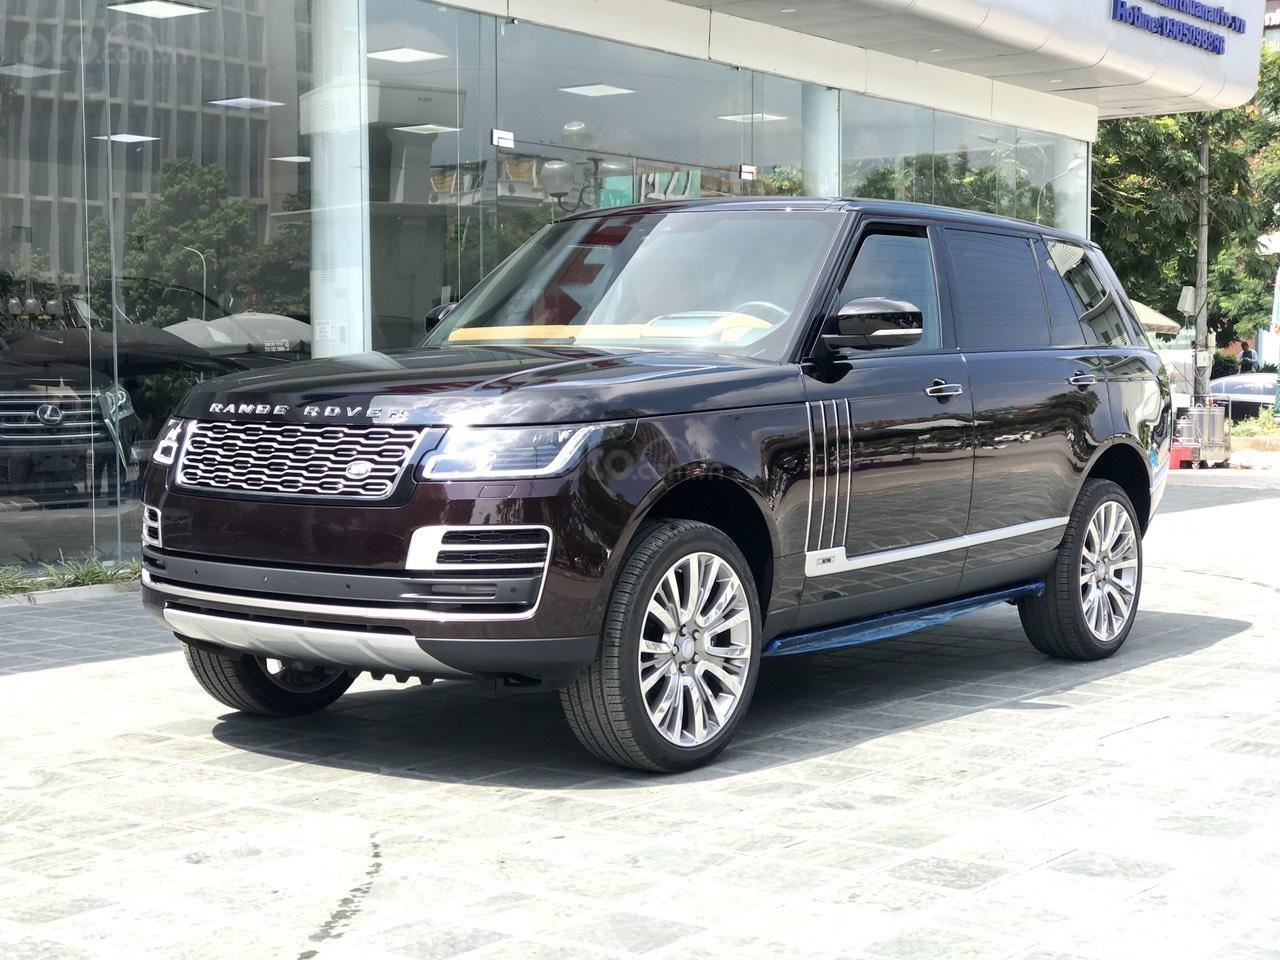 Bán xe Range Rover SV Autobiography 3.0 màu đỏ 2020, xe có sẵn giao ngay toàn quốc, giá tốt LH Ms Hương (1)